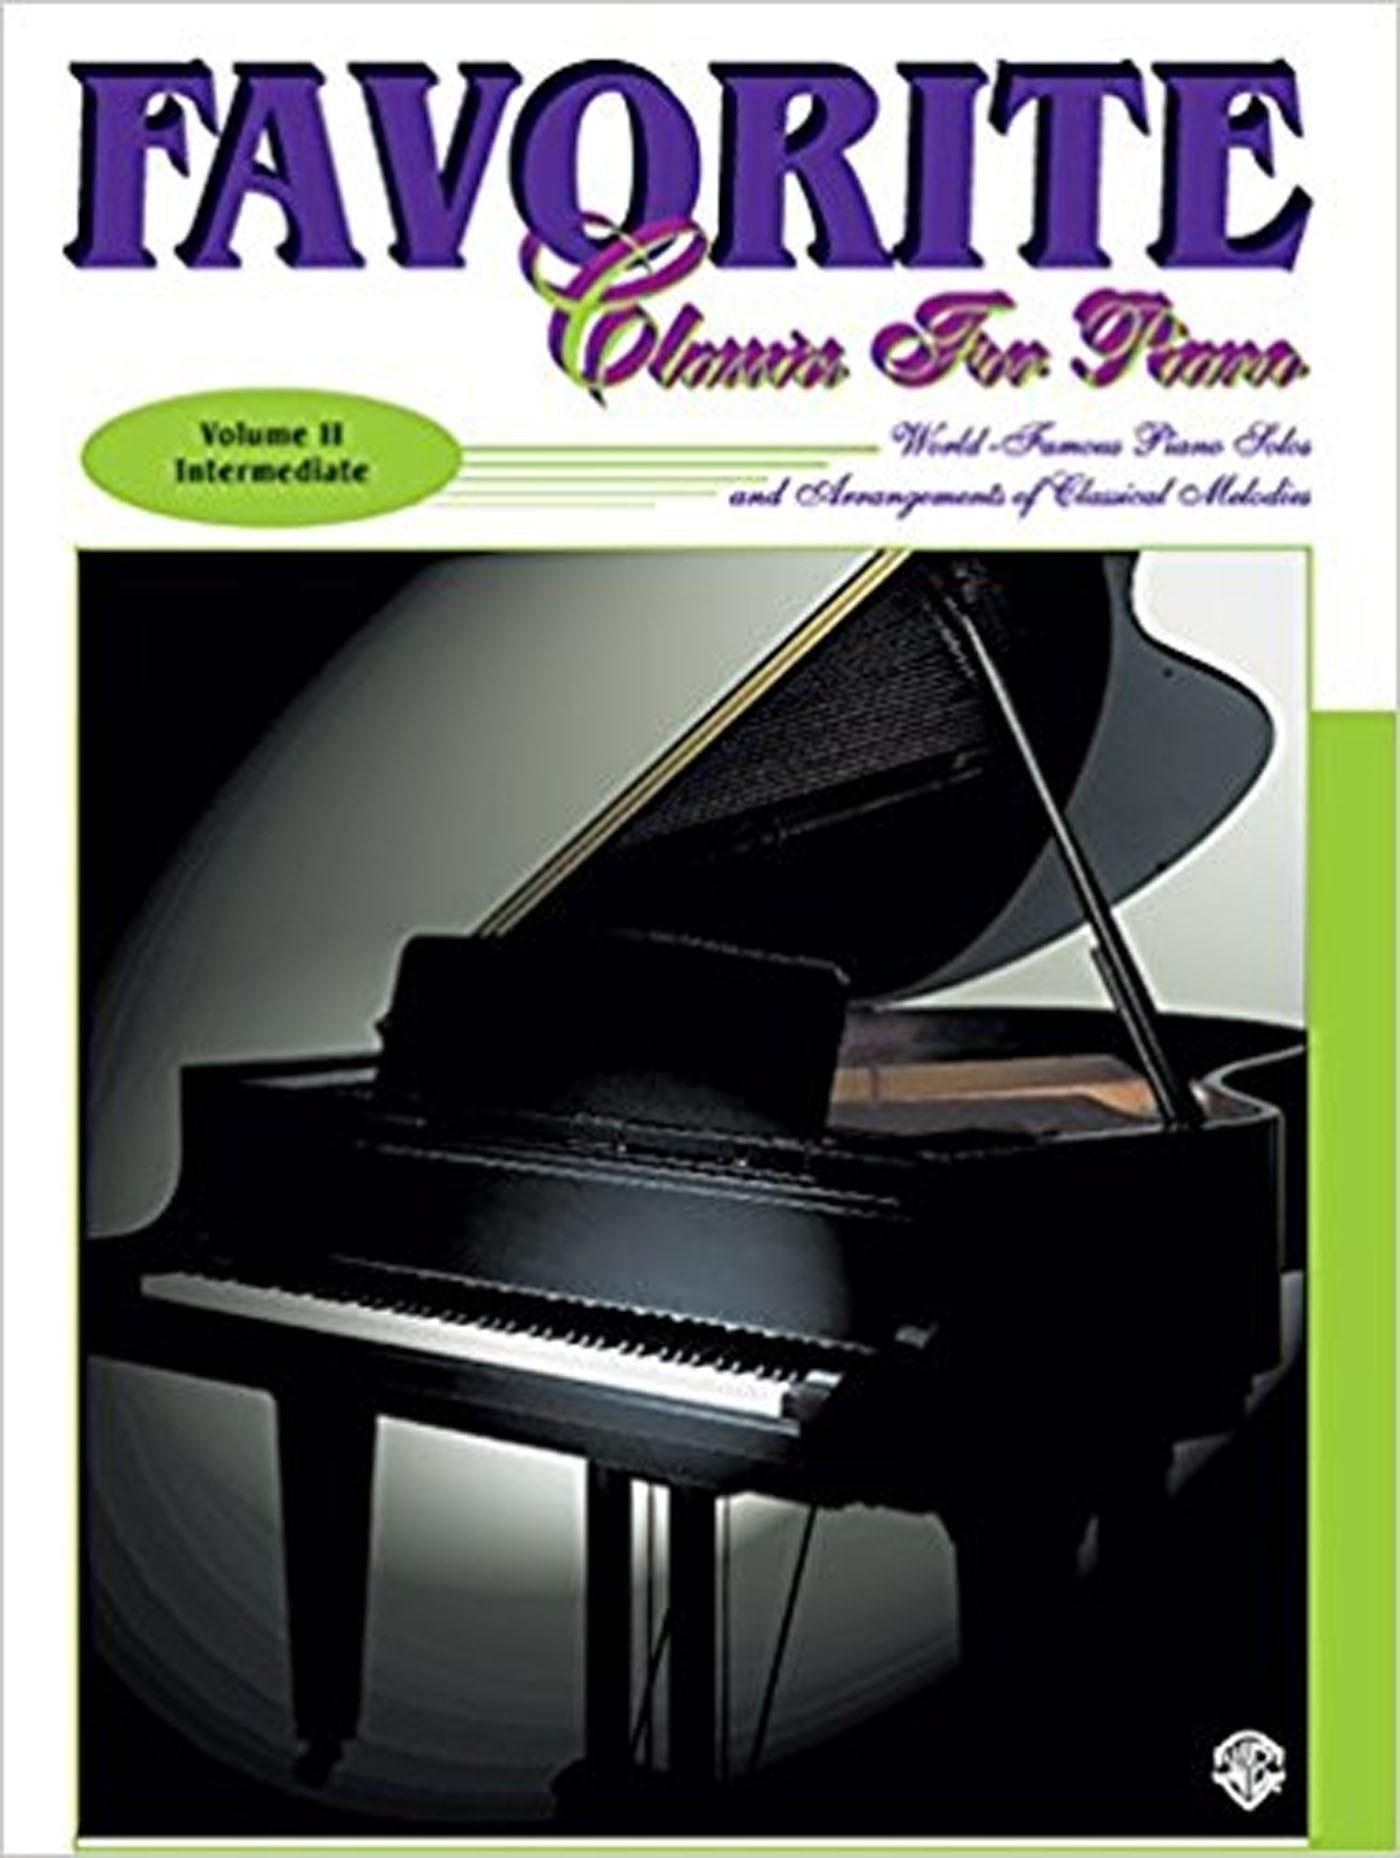 Favorite Classics for Piano Vol II Intermediate World Famous Solos Book & CD S137